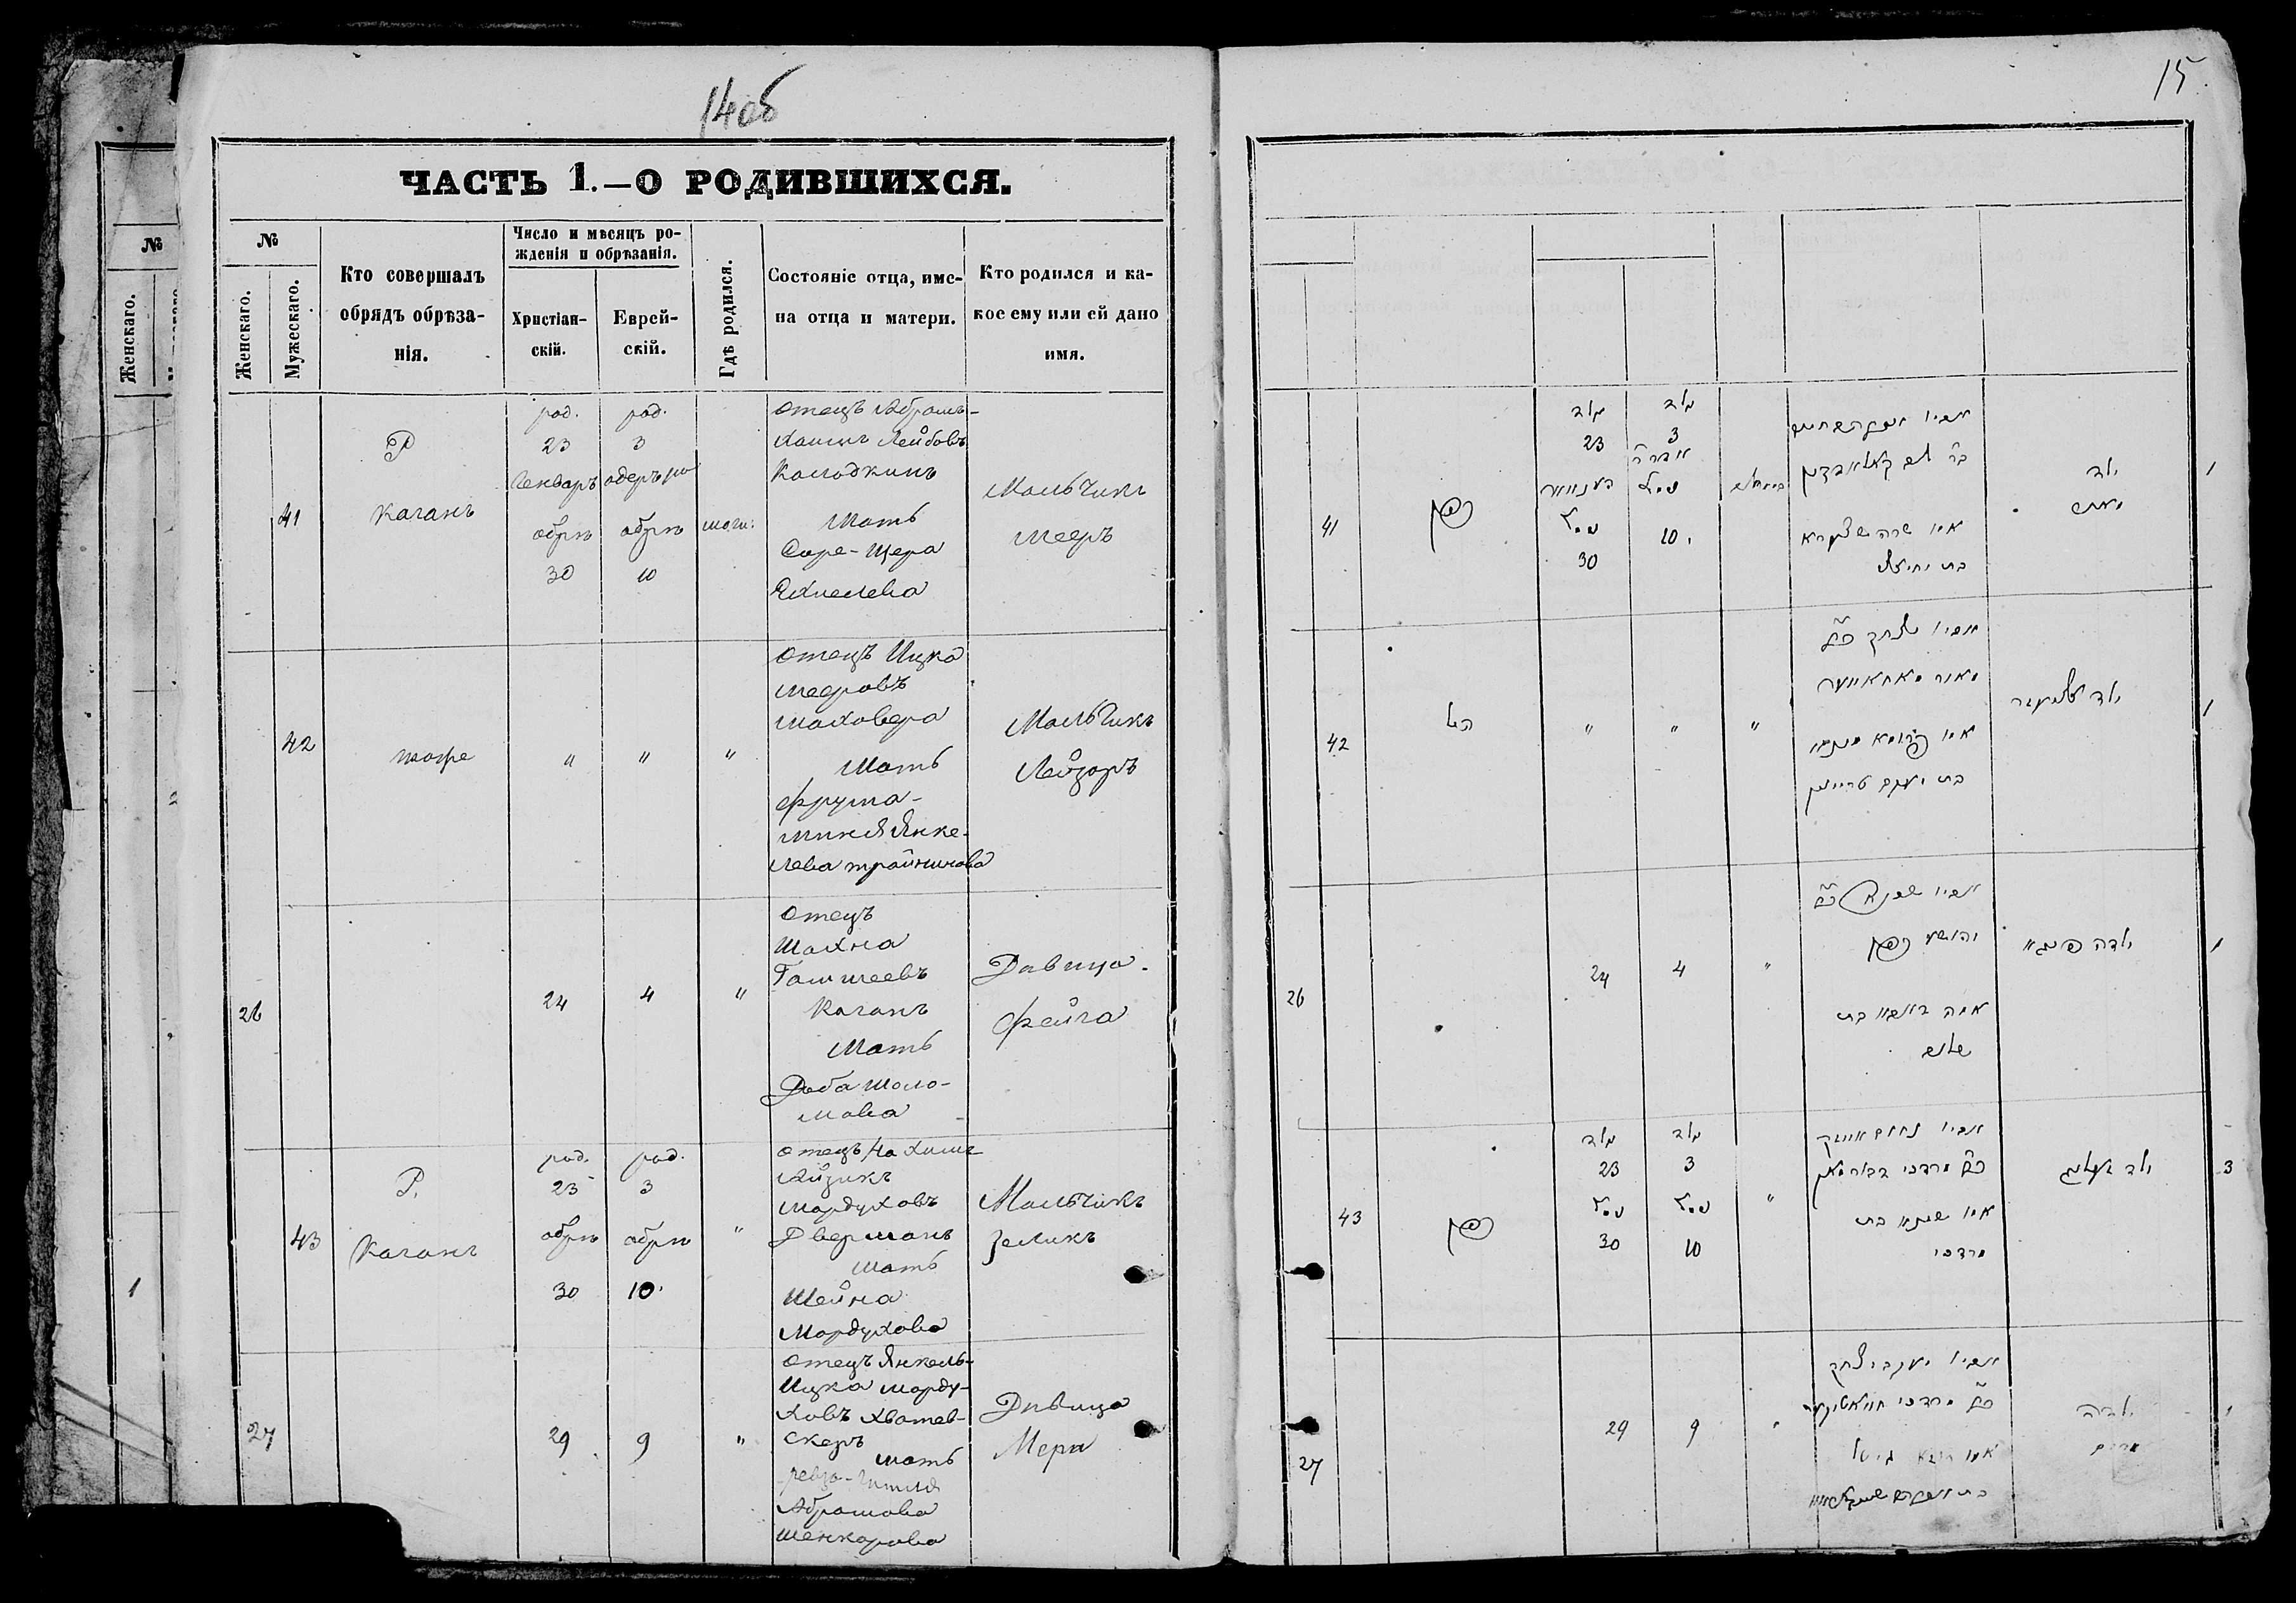 Меер Колодкин 23 января 1870, запись 41, пленка 007766480, снимок 595